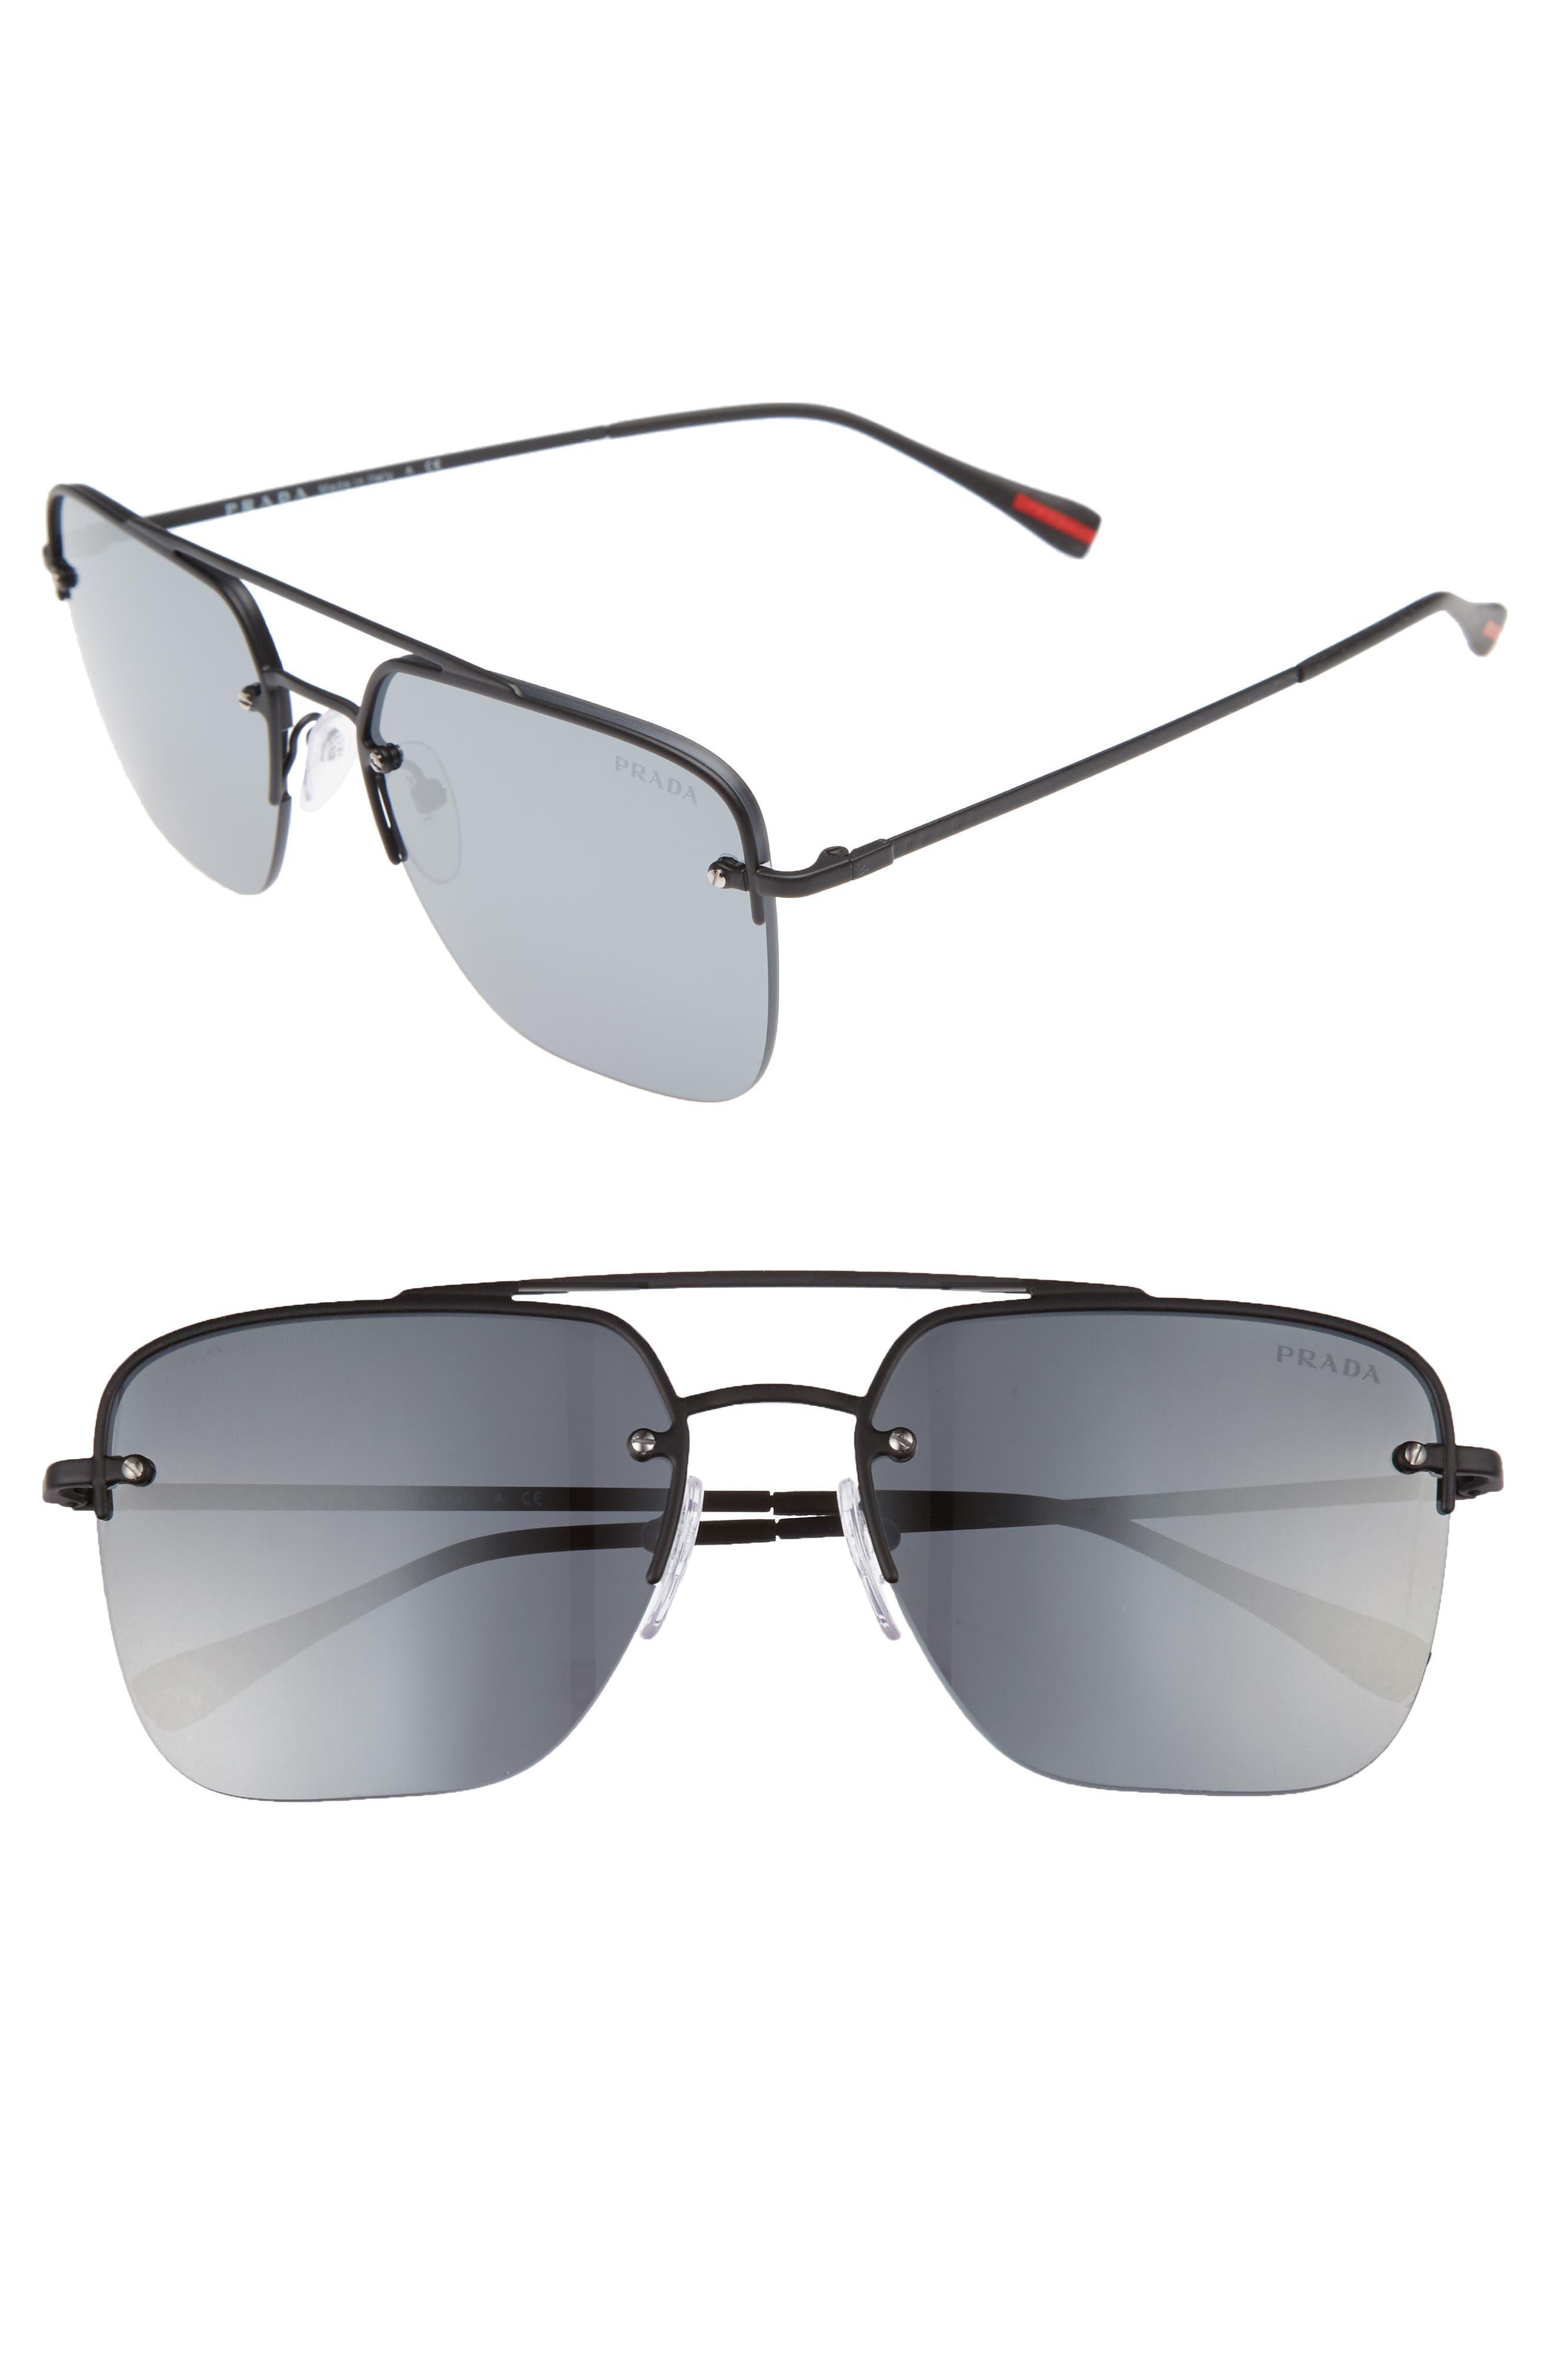 Prada Irregular 59mm Aviator Sunglasses